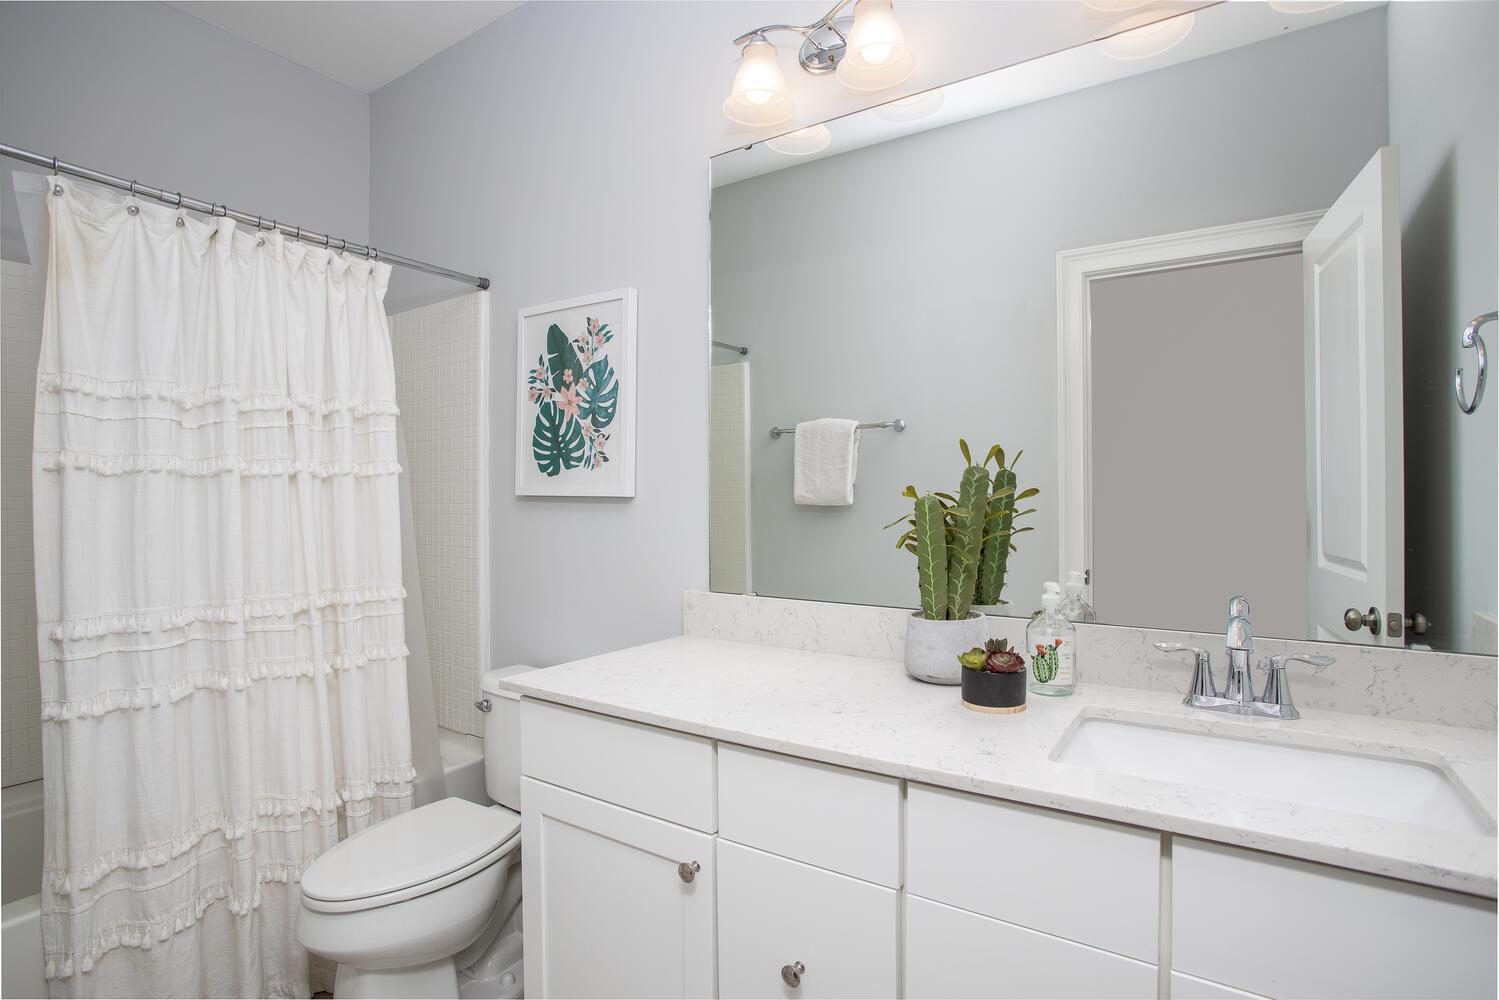 Kings Flats Homes For Sale - 103 Alder, Charleston, SC - 30